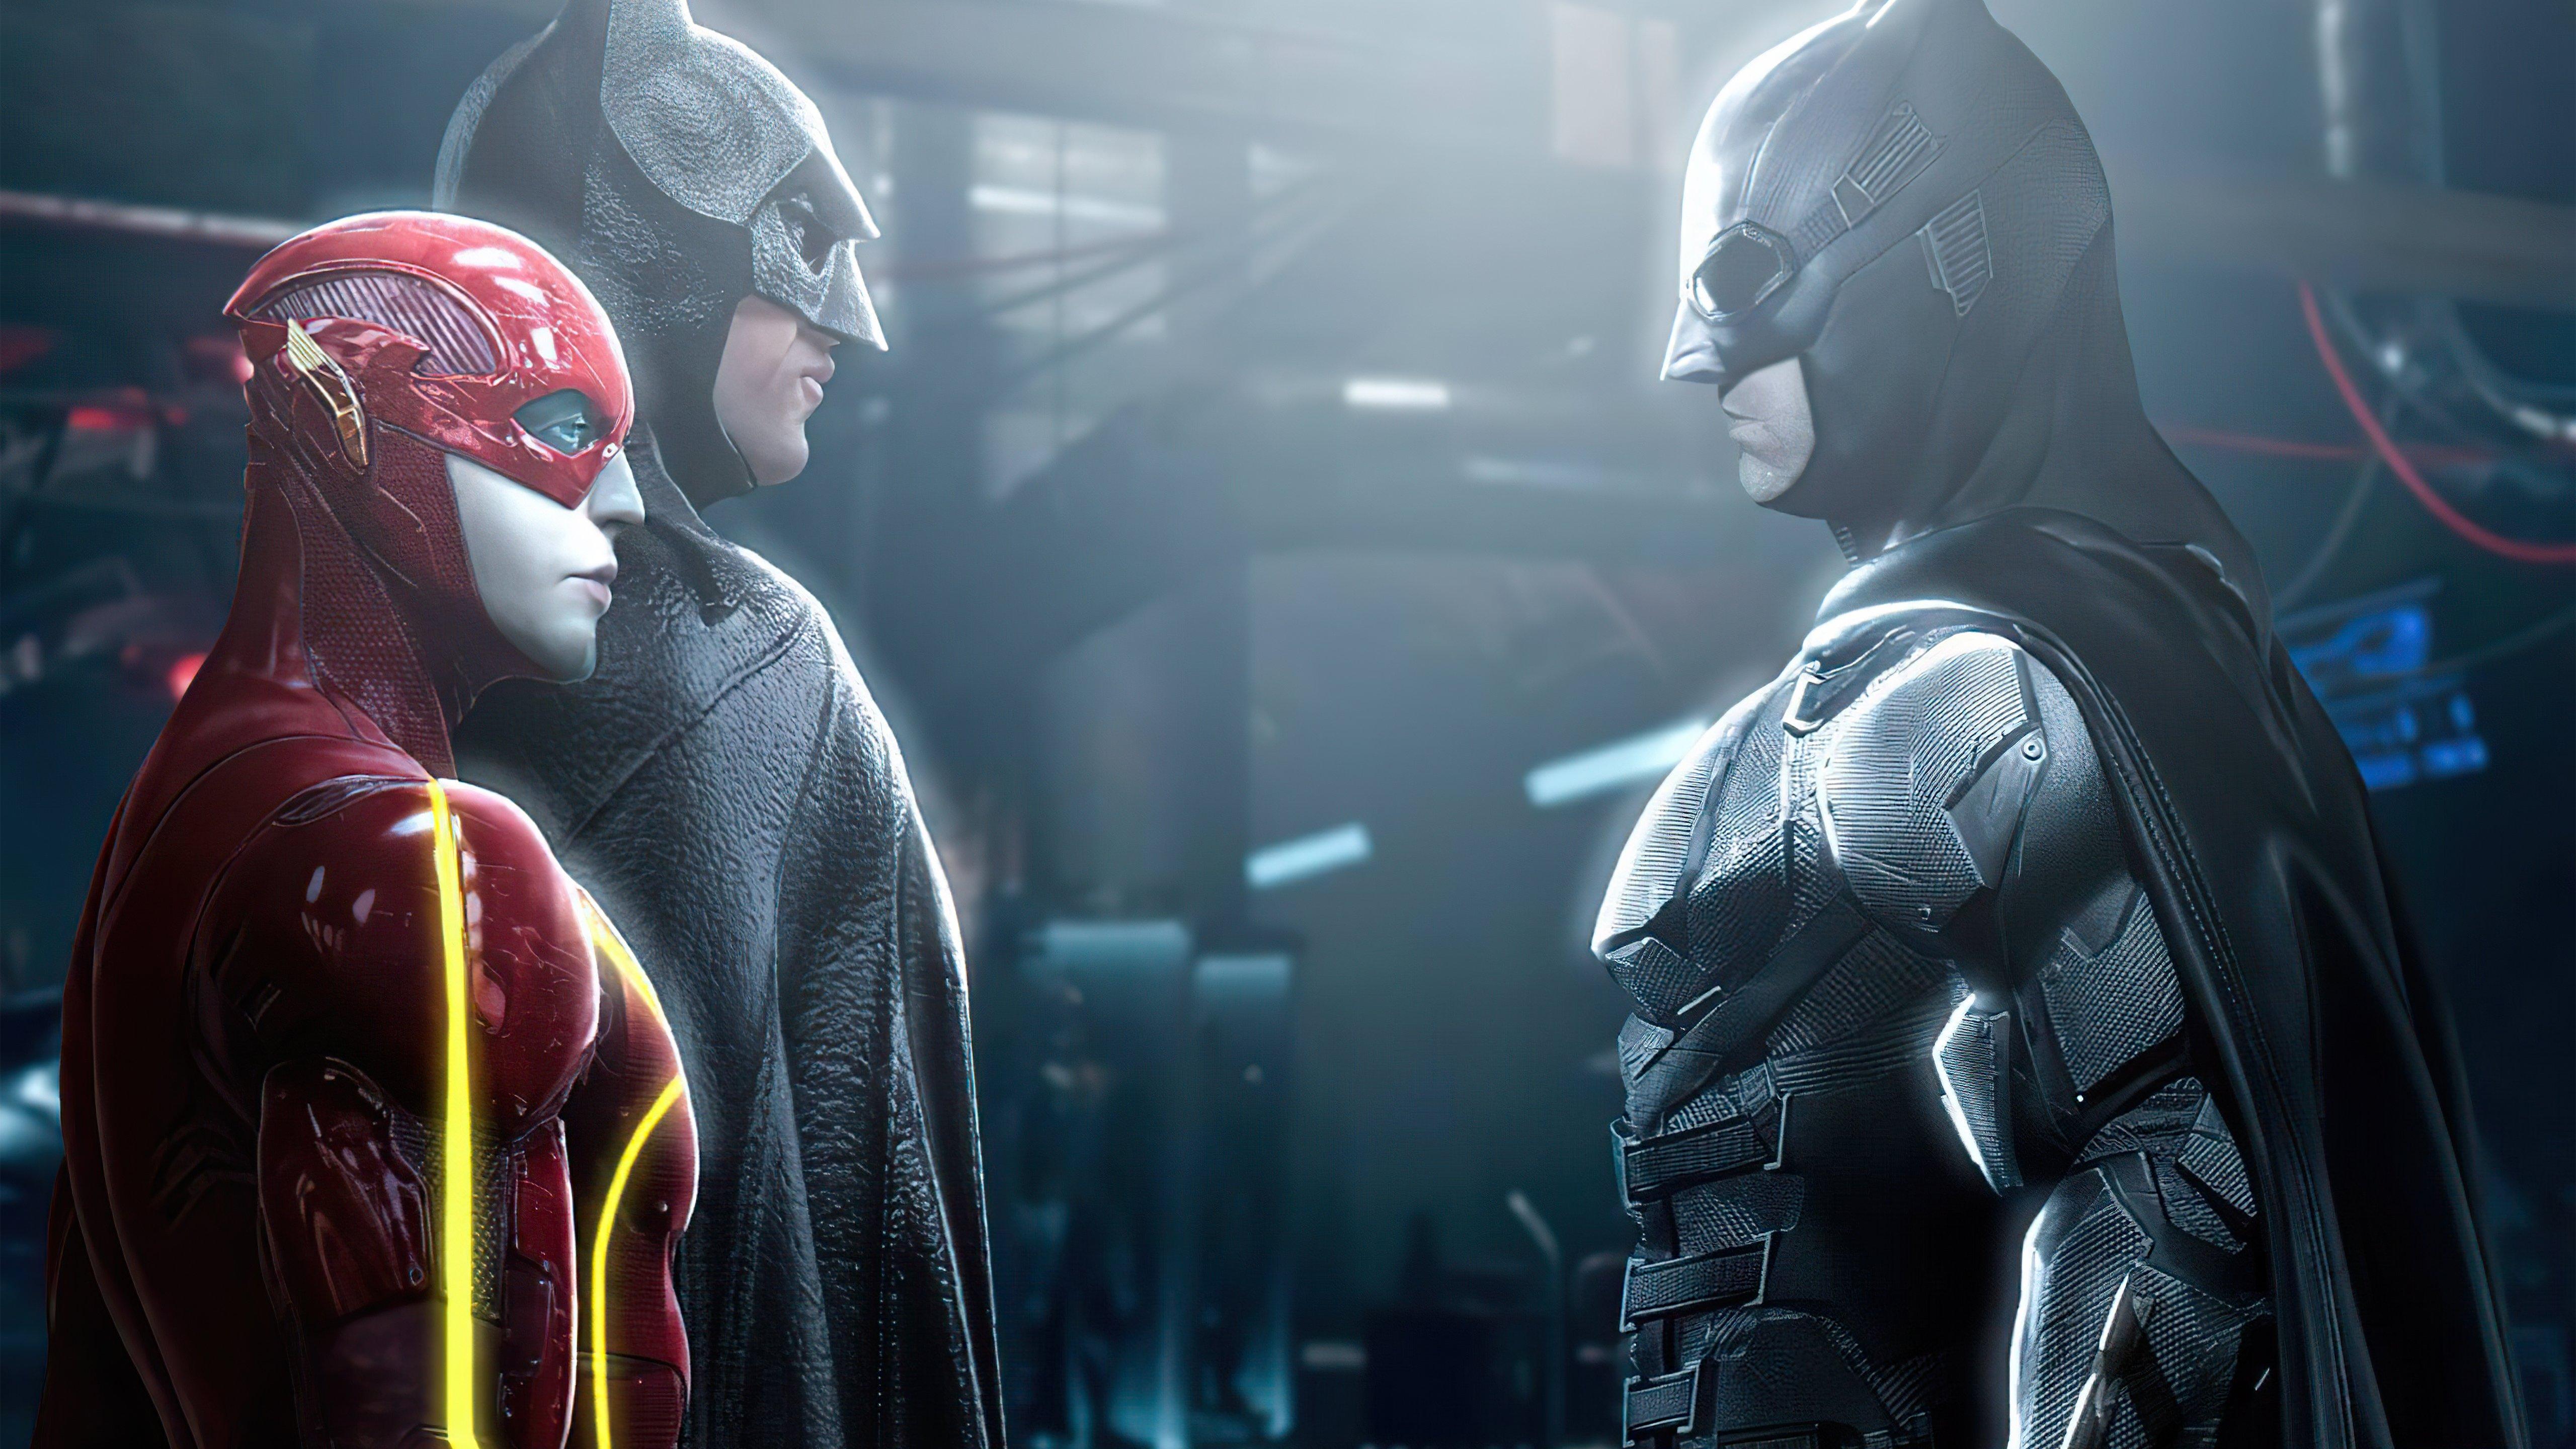 Wallpaper Flash and Batman